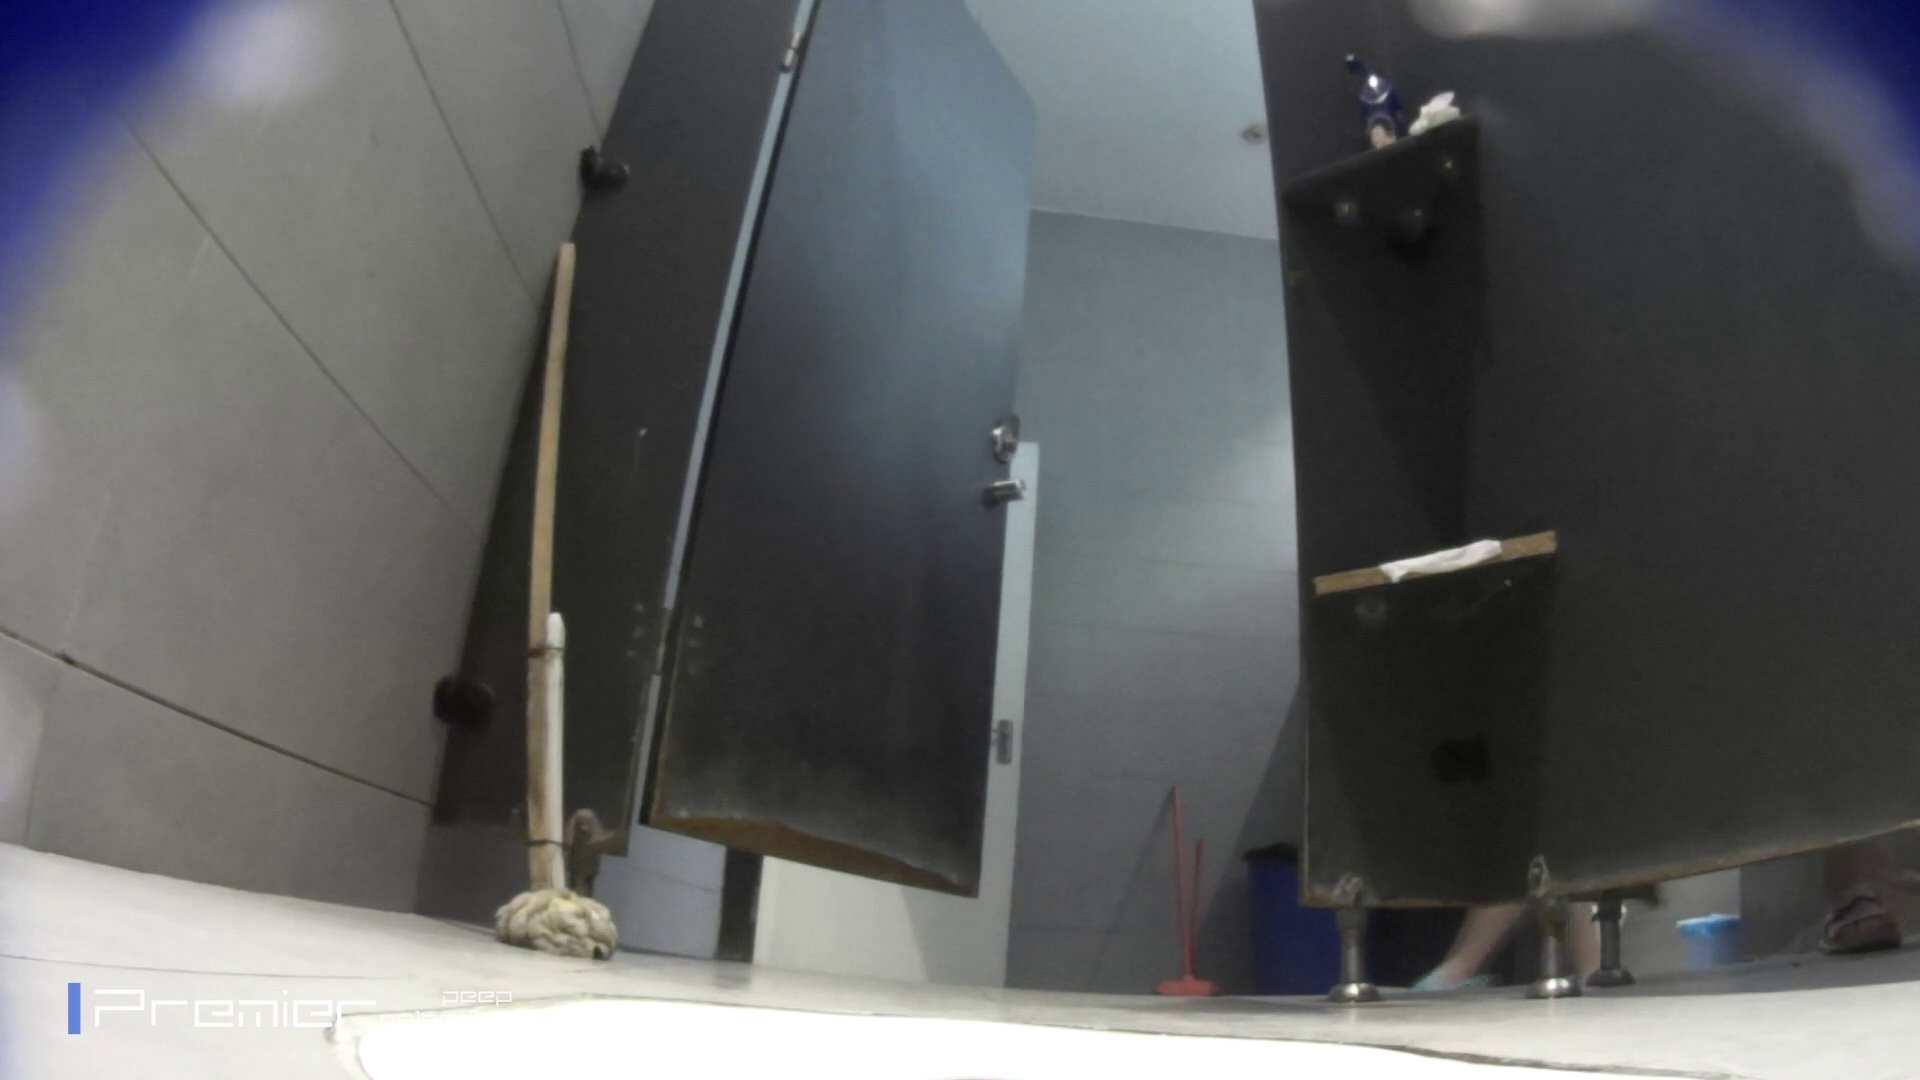 トイレットペーパーを握りしめ個室に入る乙女 大学休憩時間の洗面所事情83 うんこ好き | 洗面所着替え  21連発